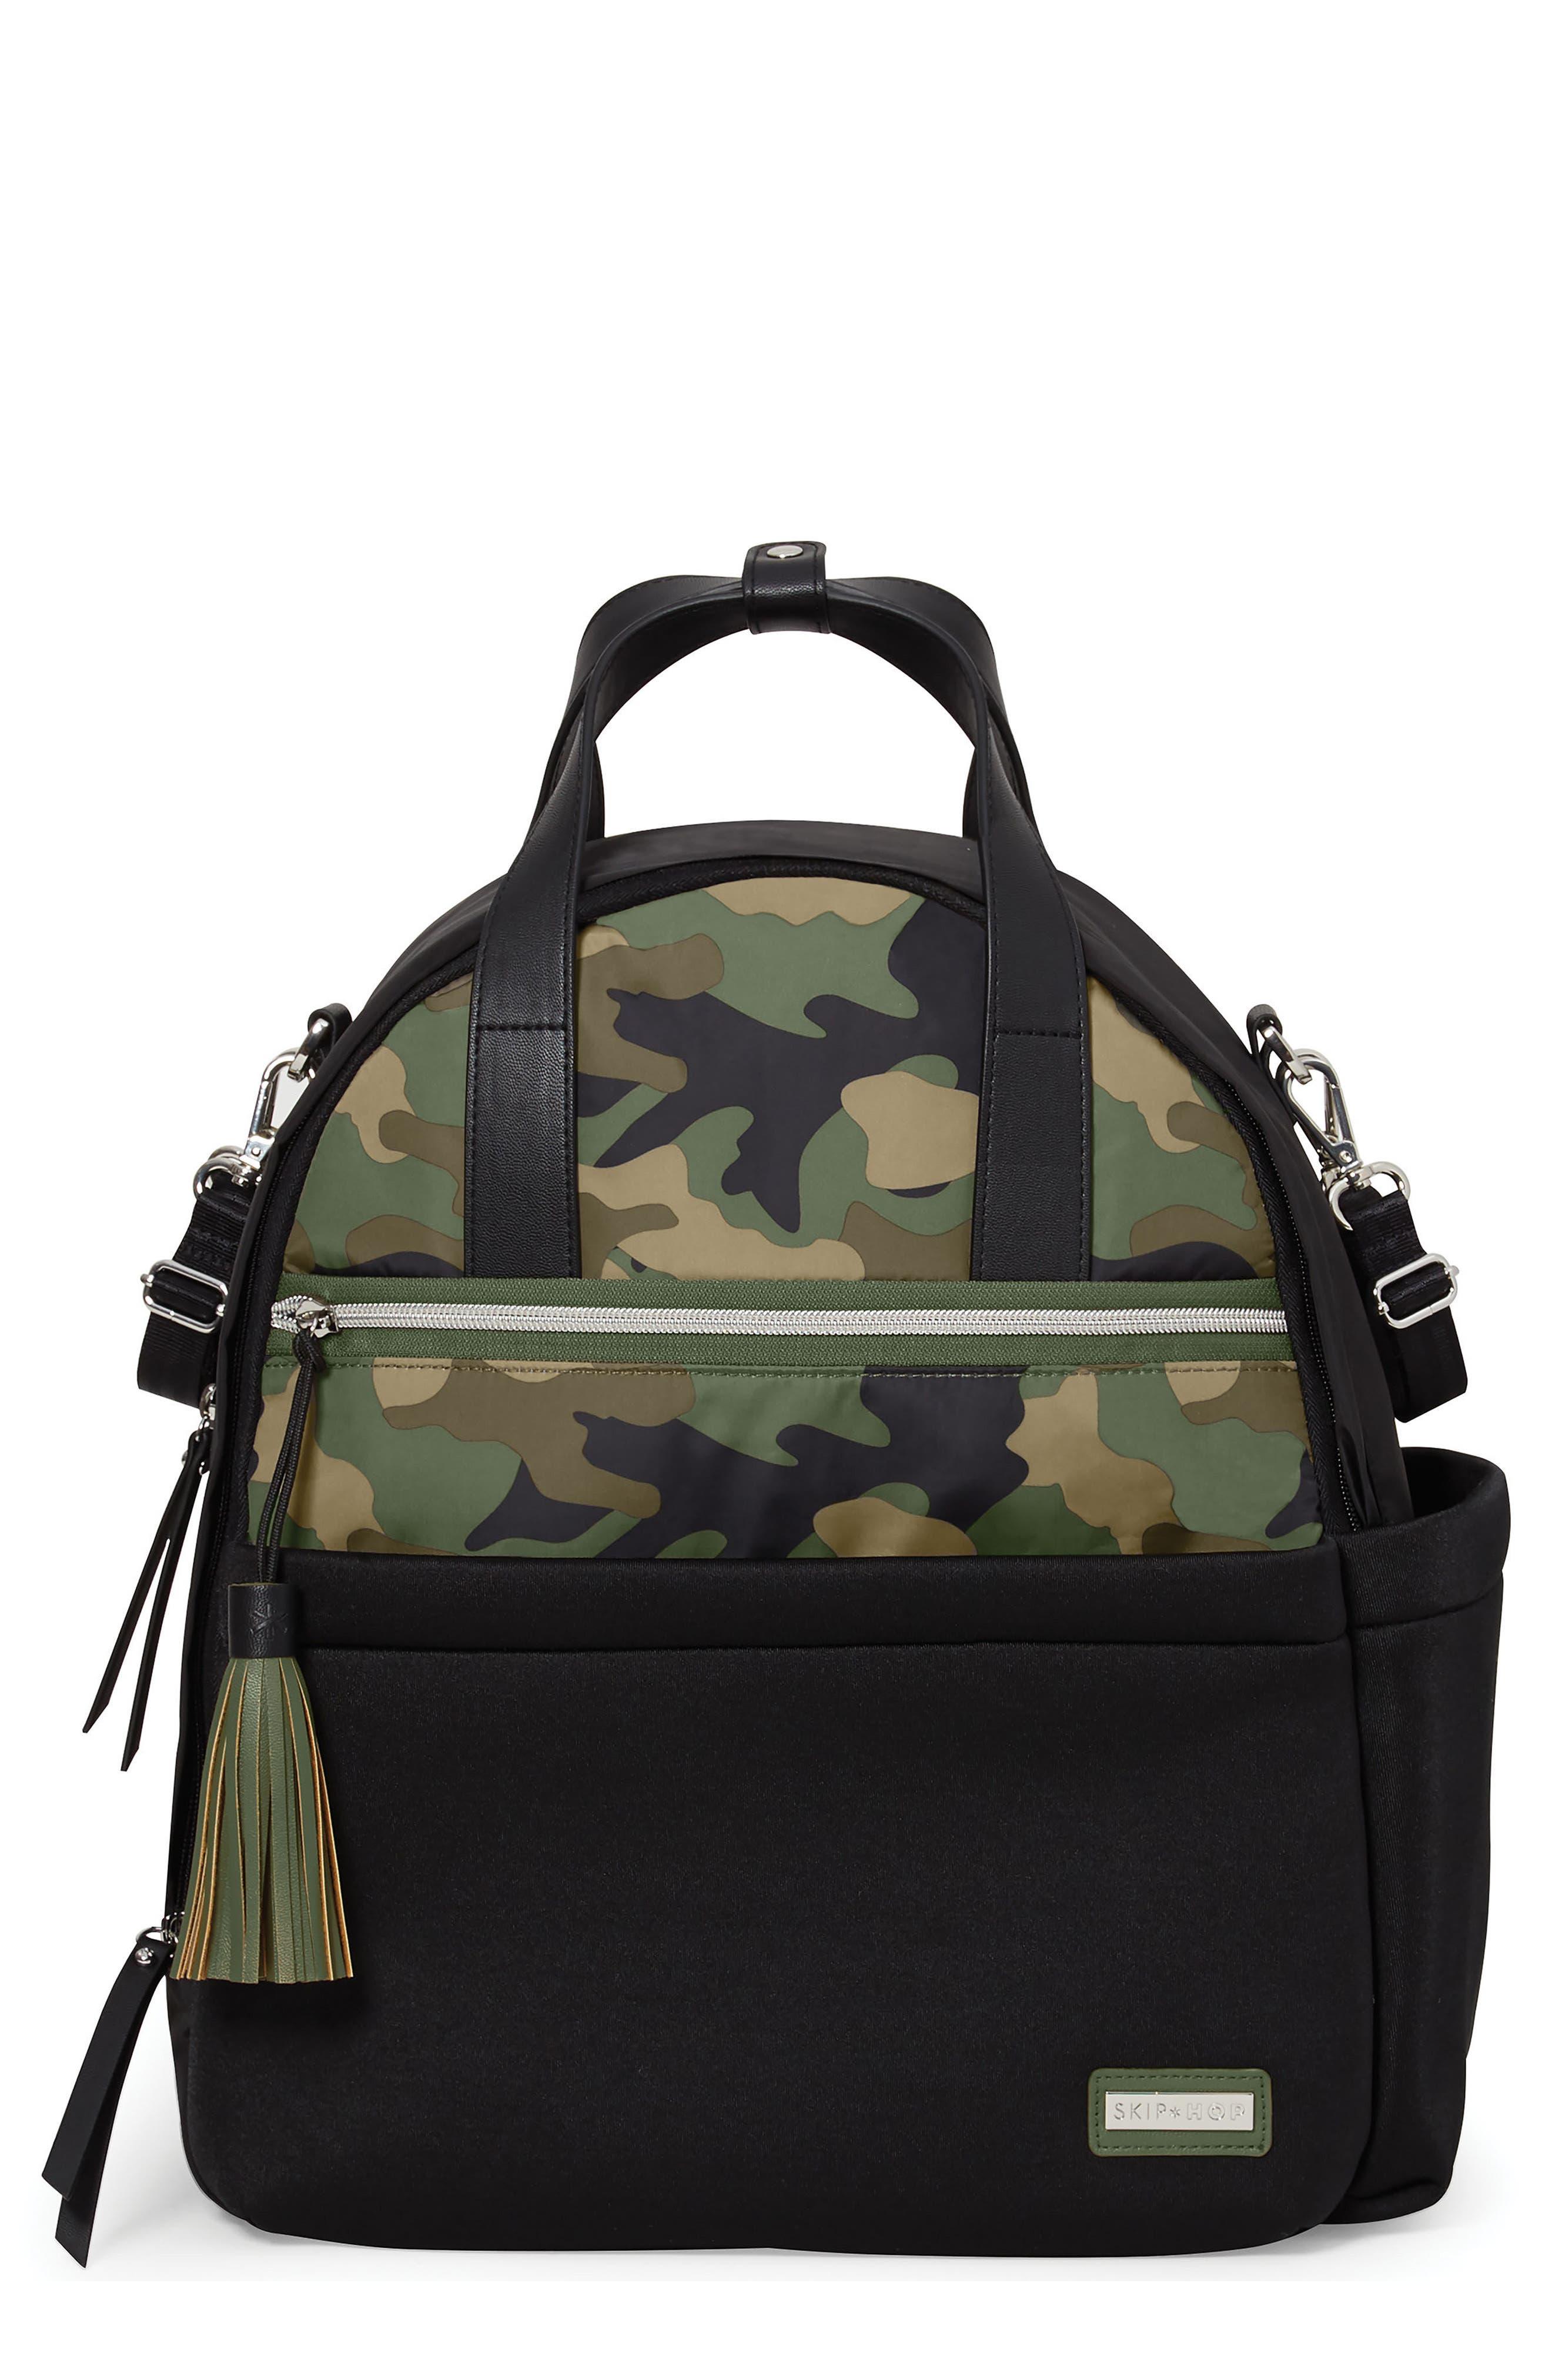 Nolita Neoprene Diaper Backpack,                             Main thumbnail 1, color,                             BLACK/ DARK CAMO